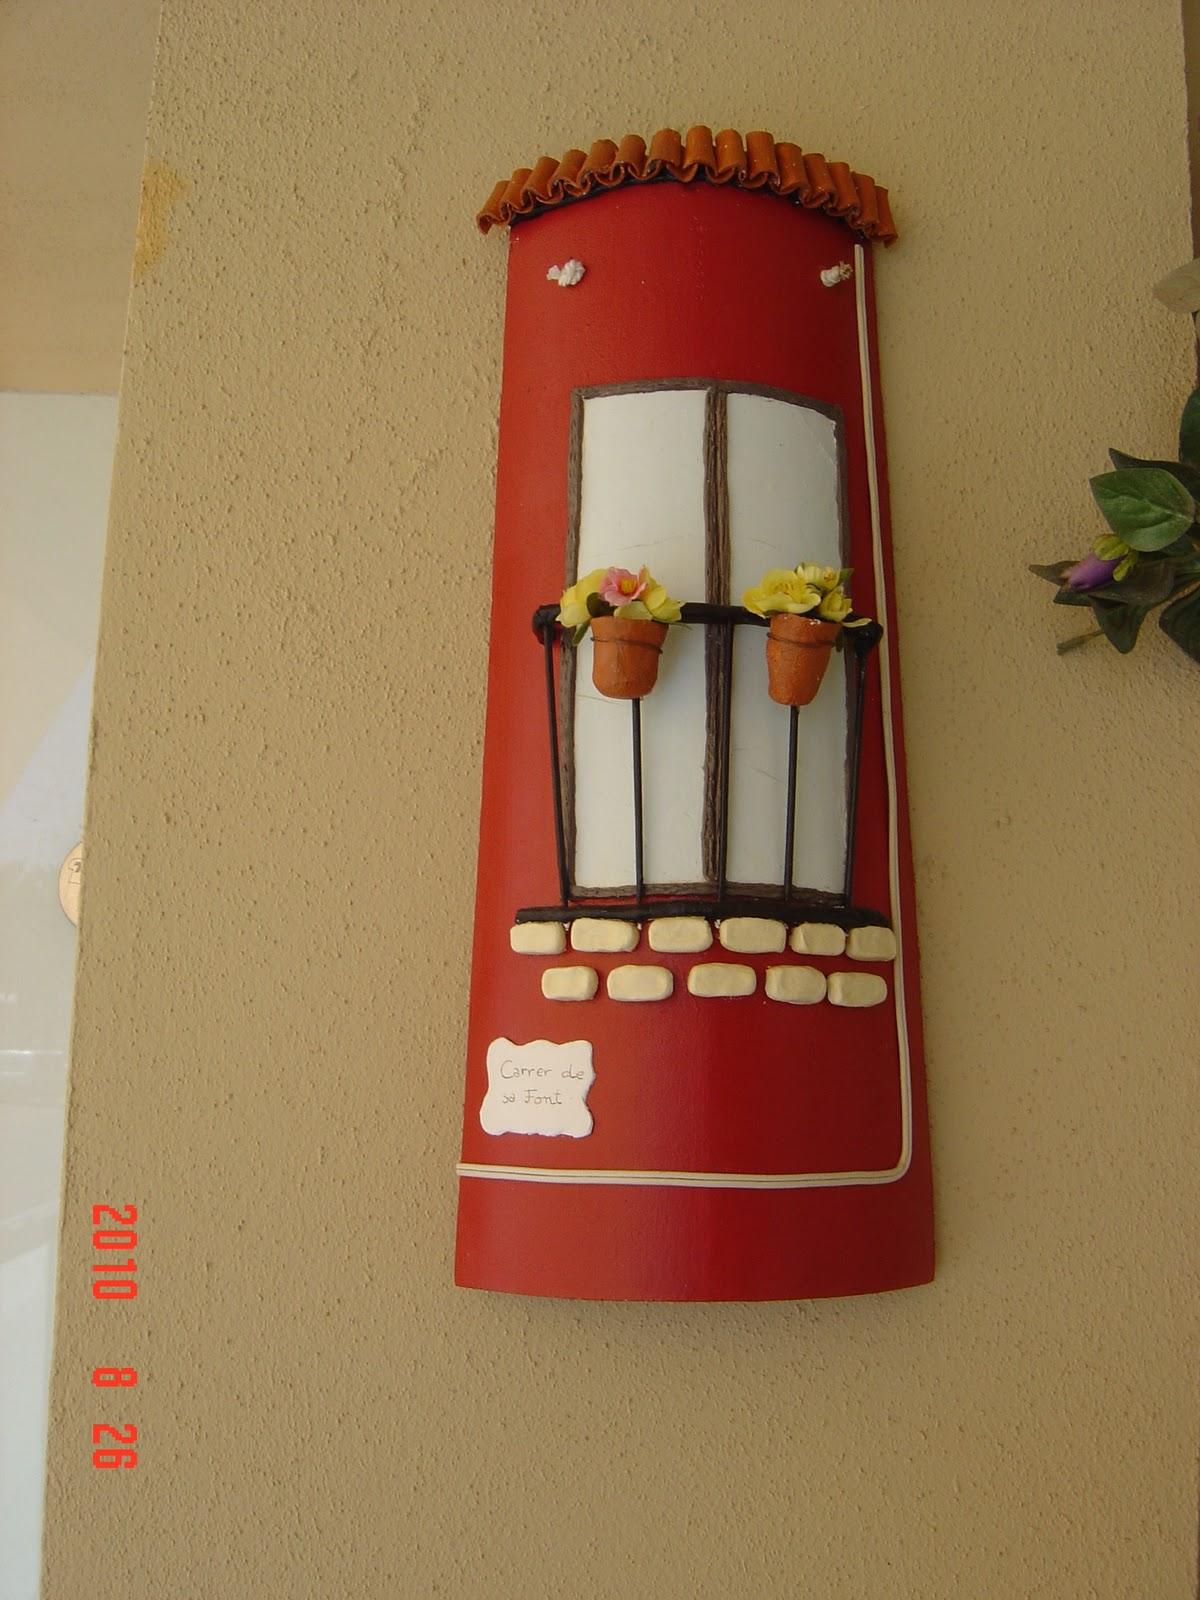 El rinc n de ague tejas pintadas for Pintura para tejas